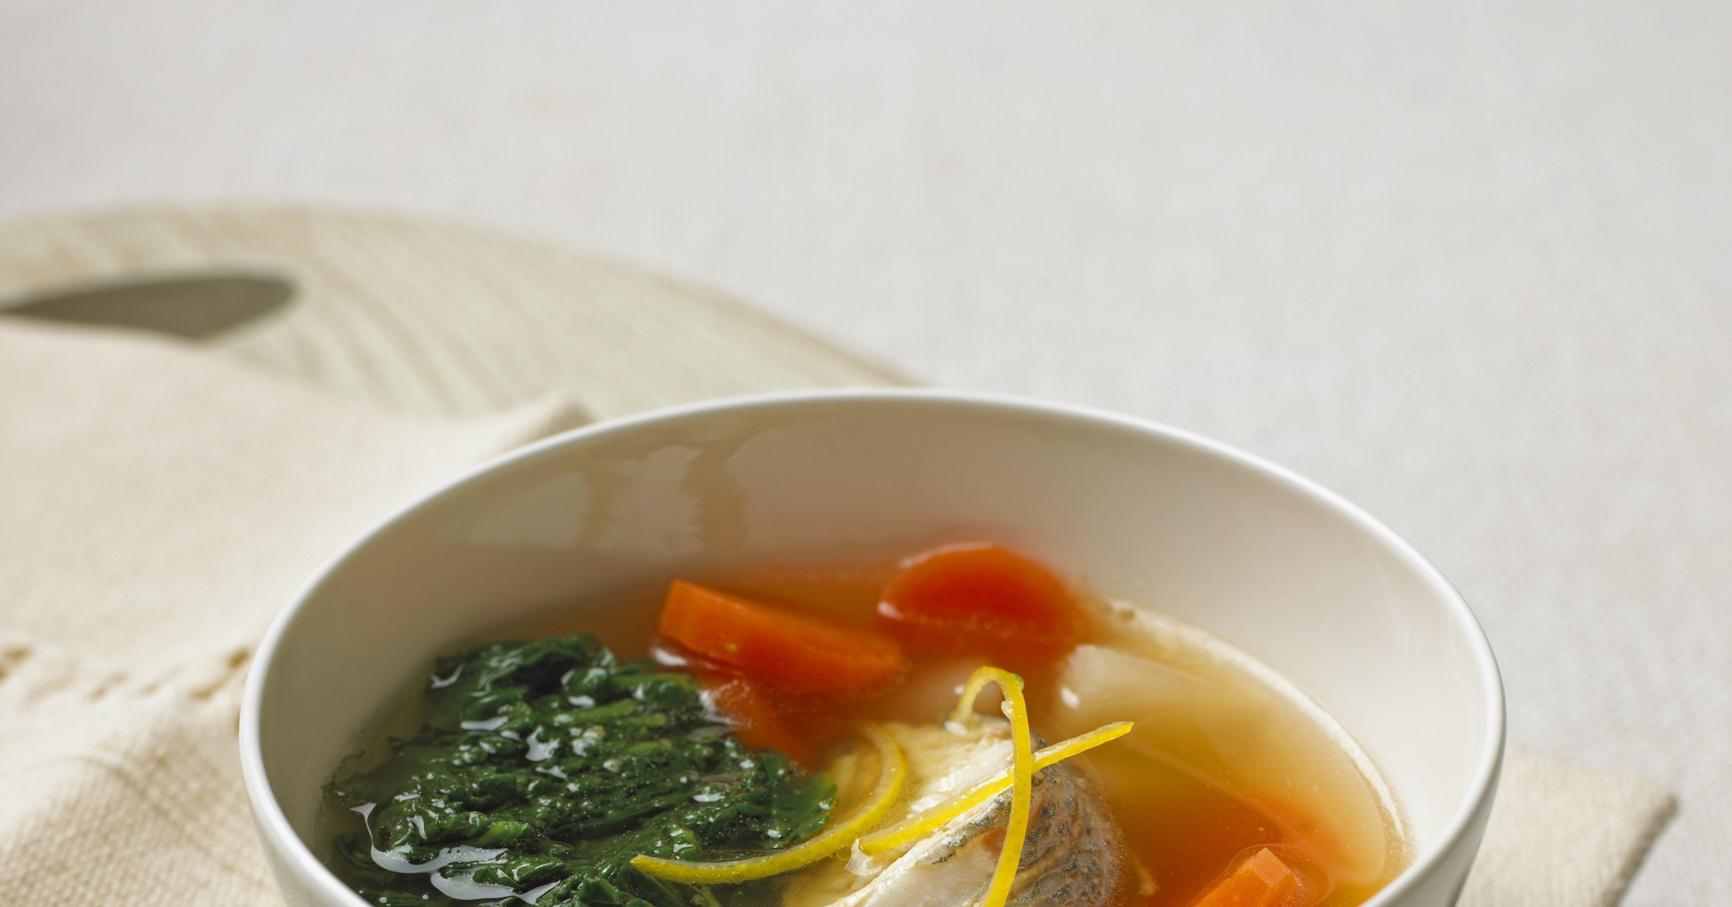 Варить суп во сне сны.нет